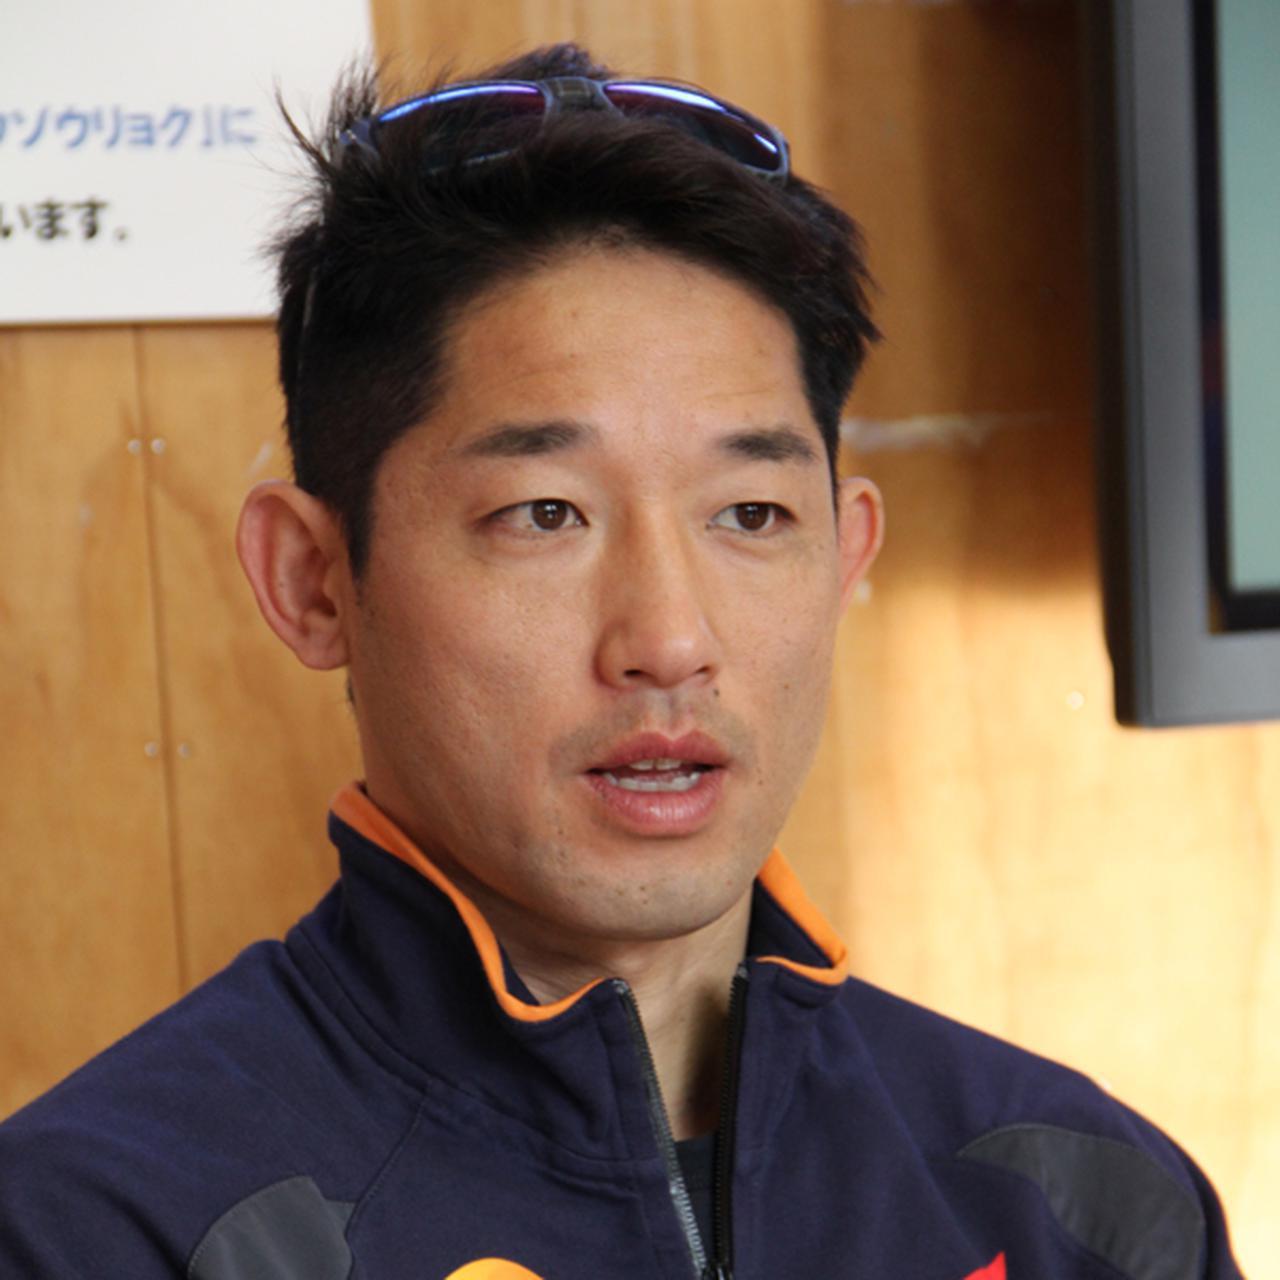 画像: 藤波貴久選手